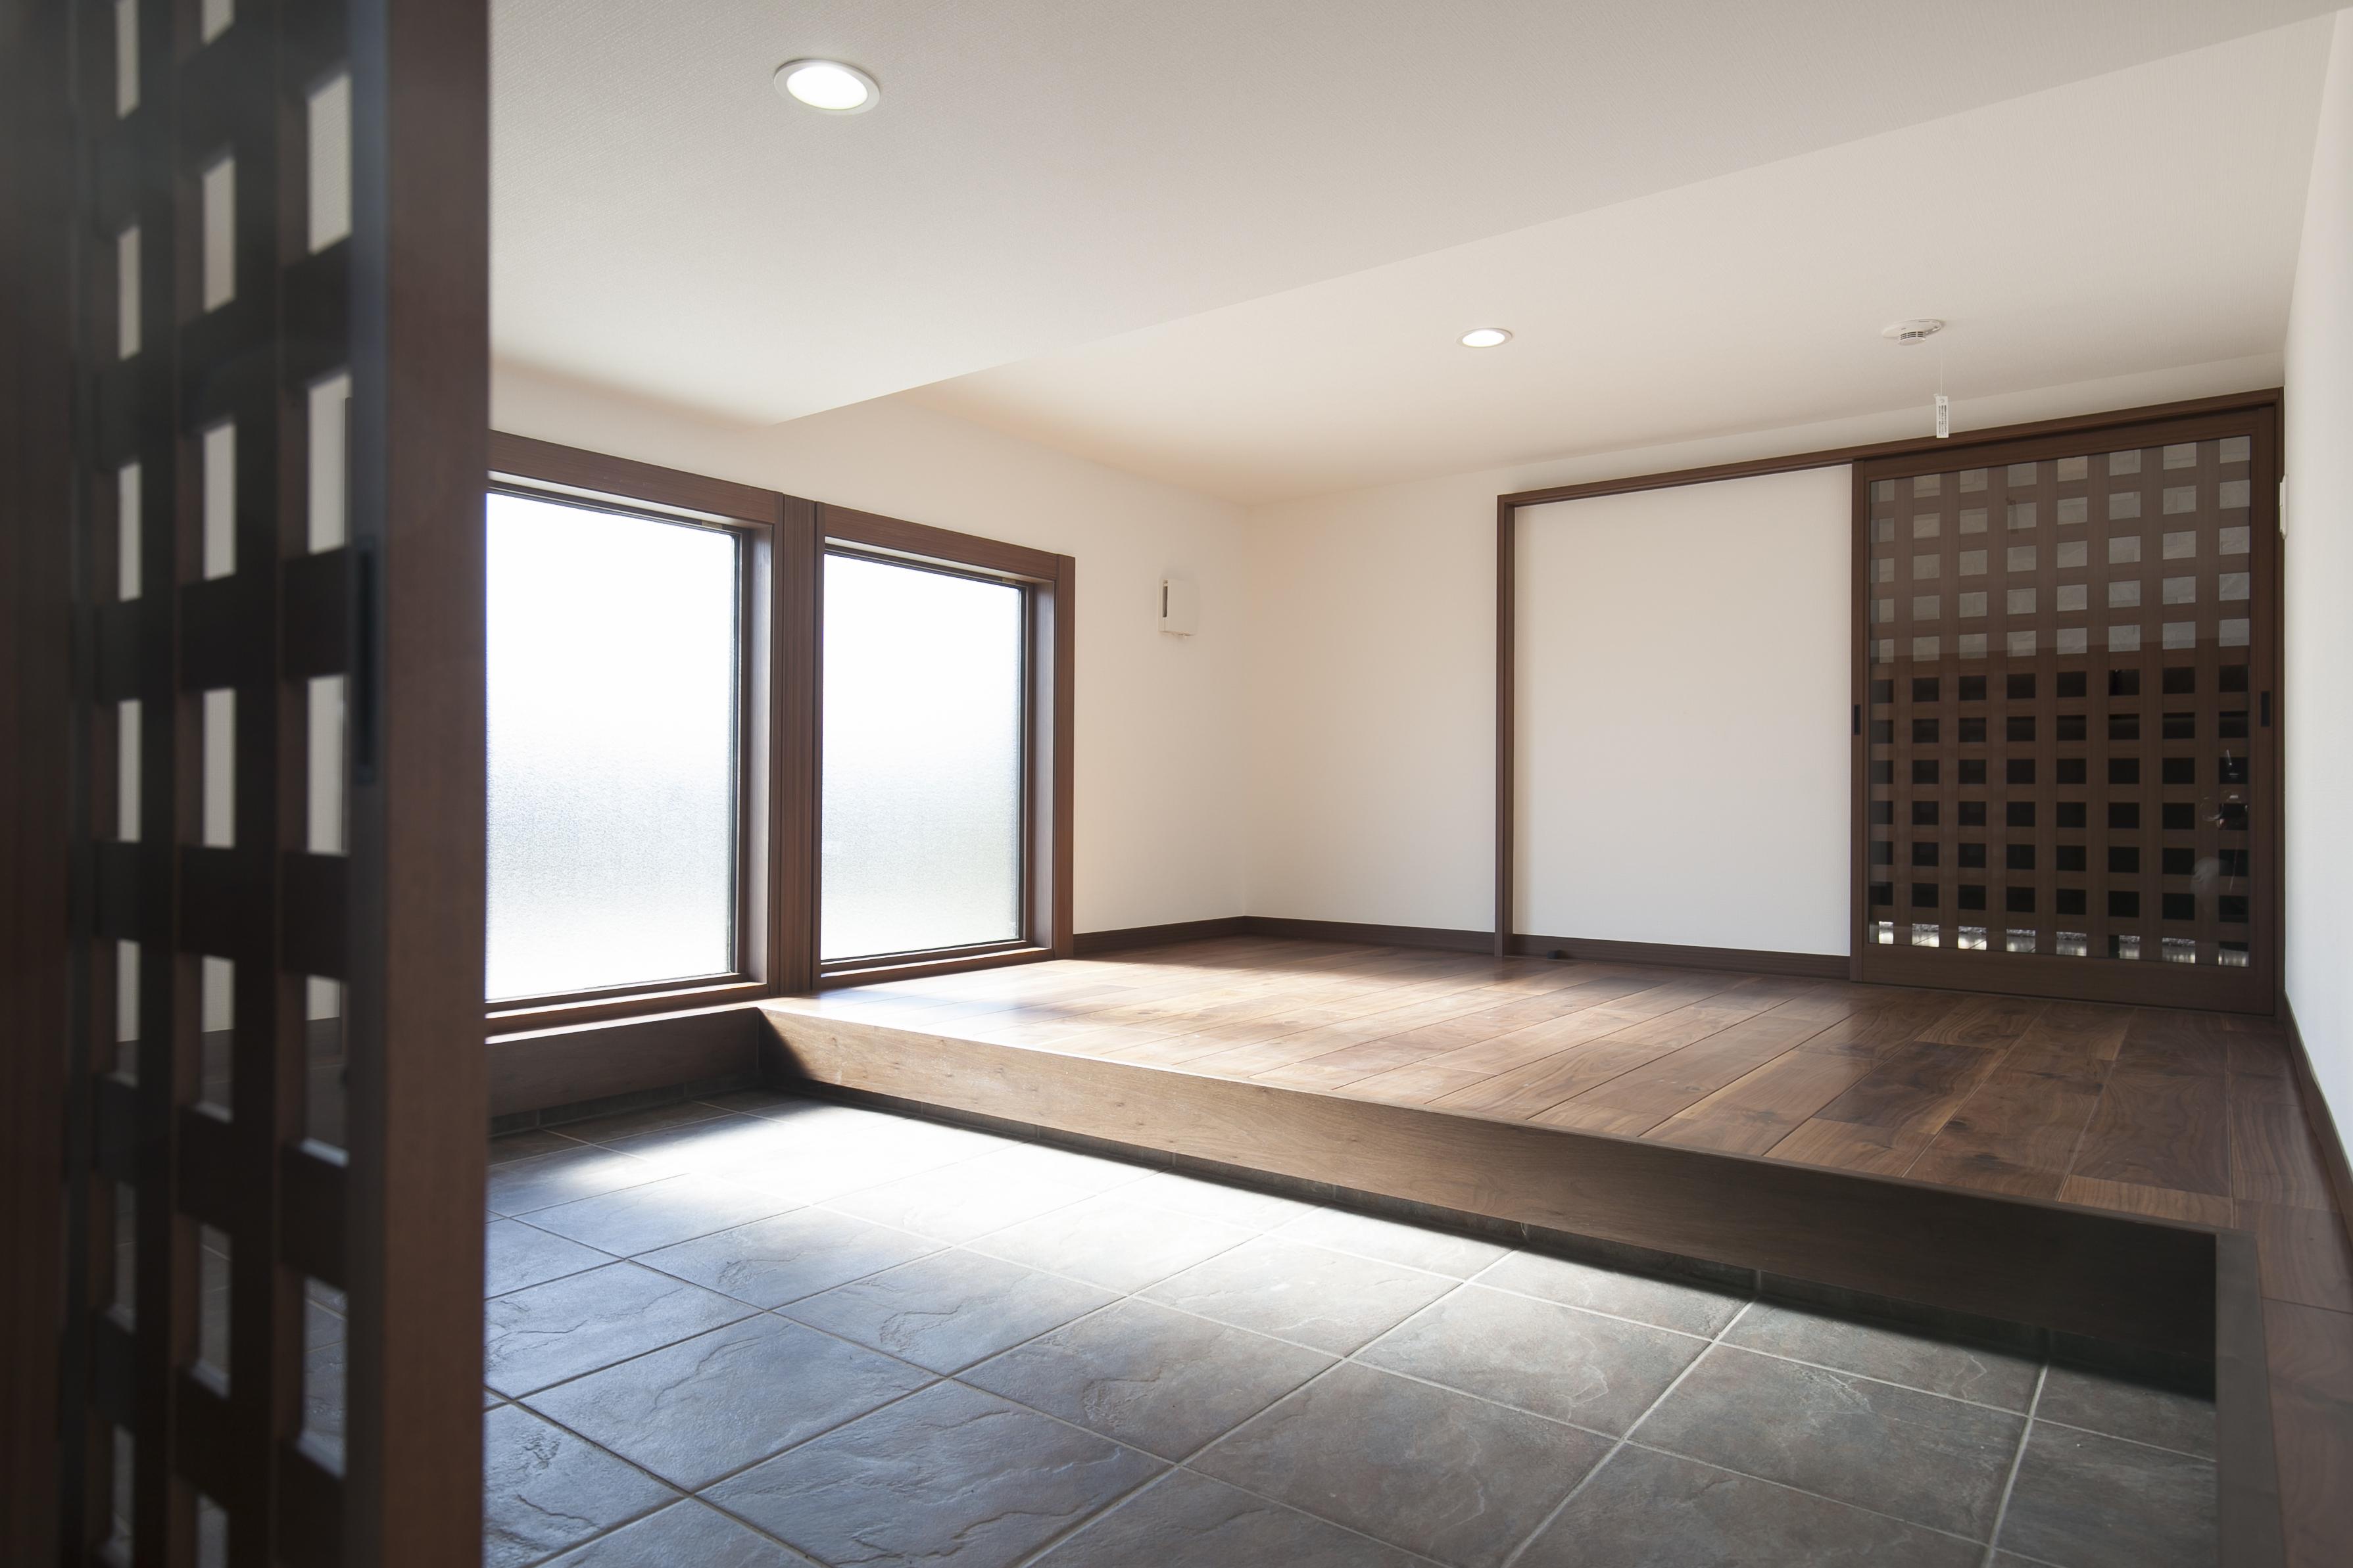 ミサワホーム静岡【デザイン住宅、収納力、スキップフロア】玄関とリビングから利用できる「蔵」。玄関側は土間になっており、外で使うアウトドア用品やスポーツ用品、自転車などもしまえて便利。多彩に活用できる